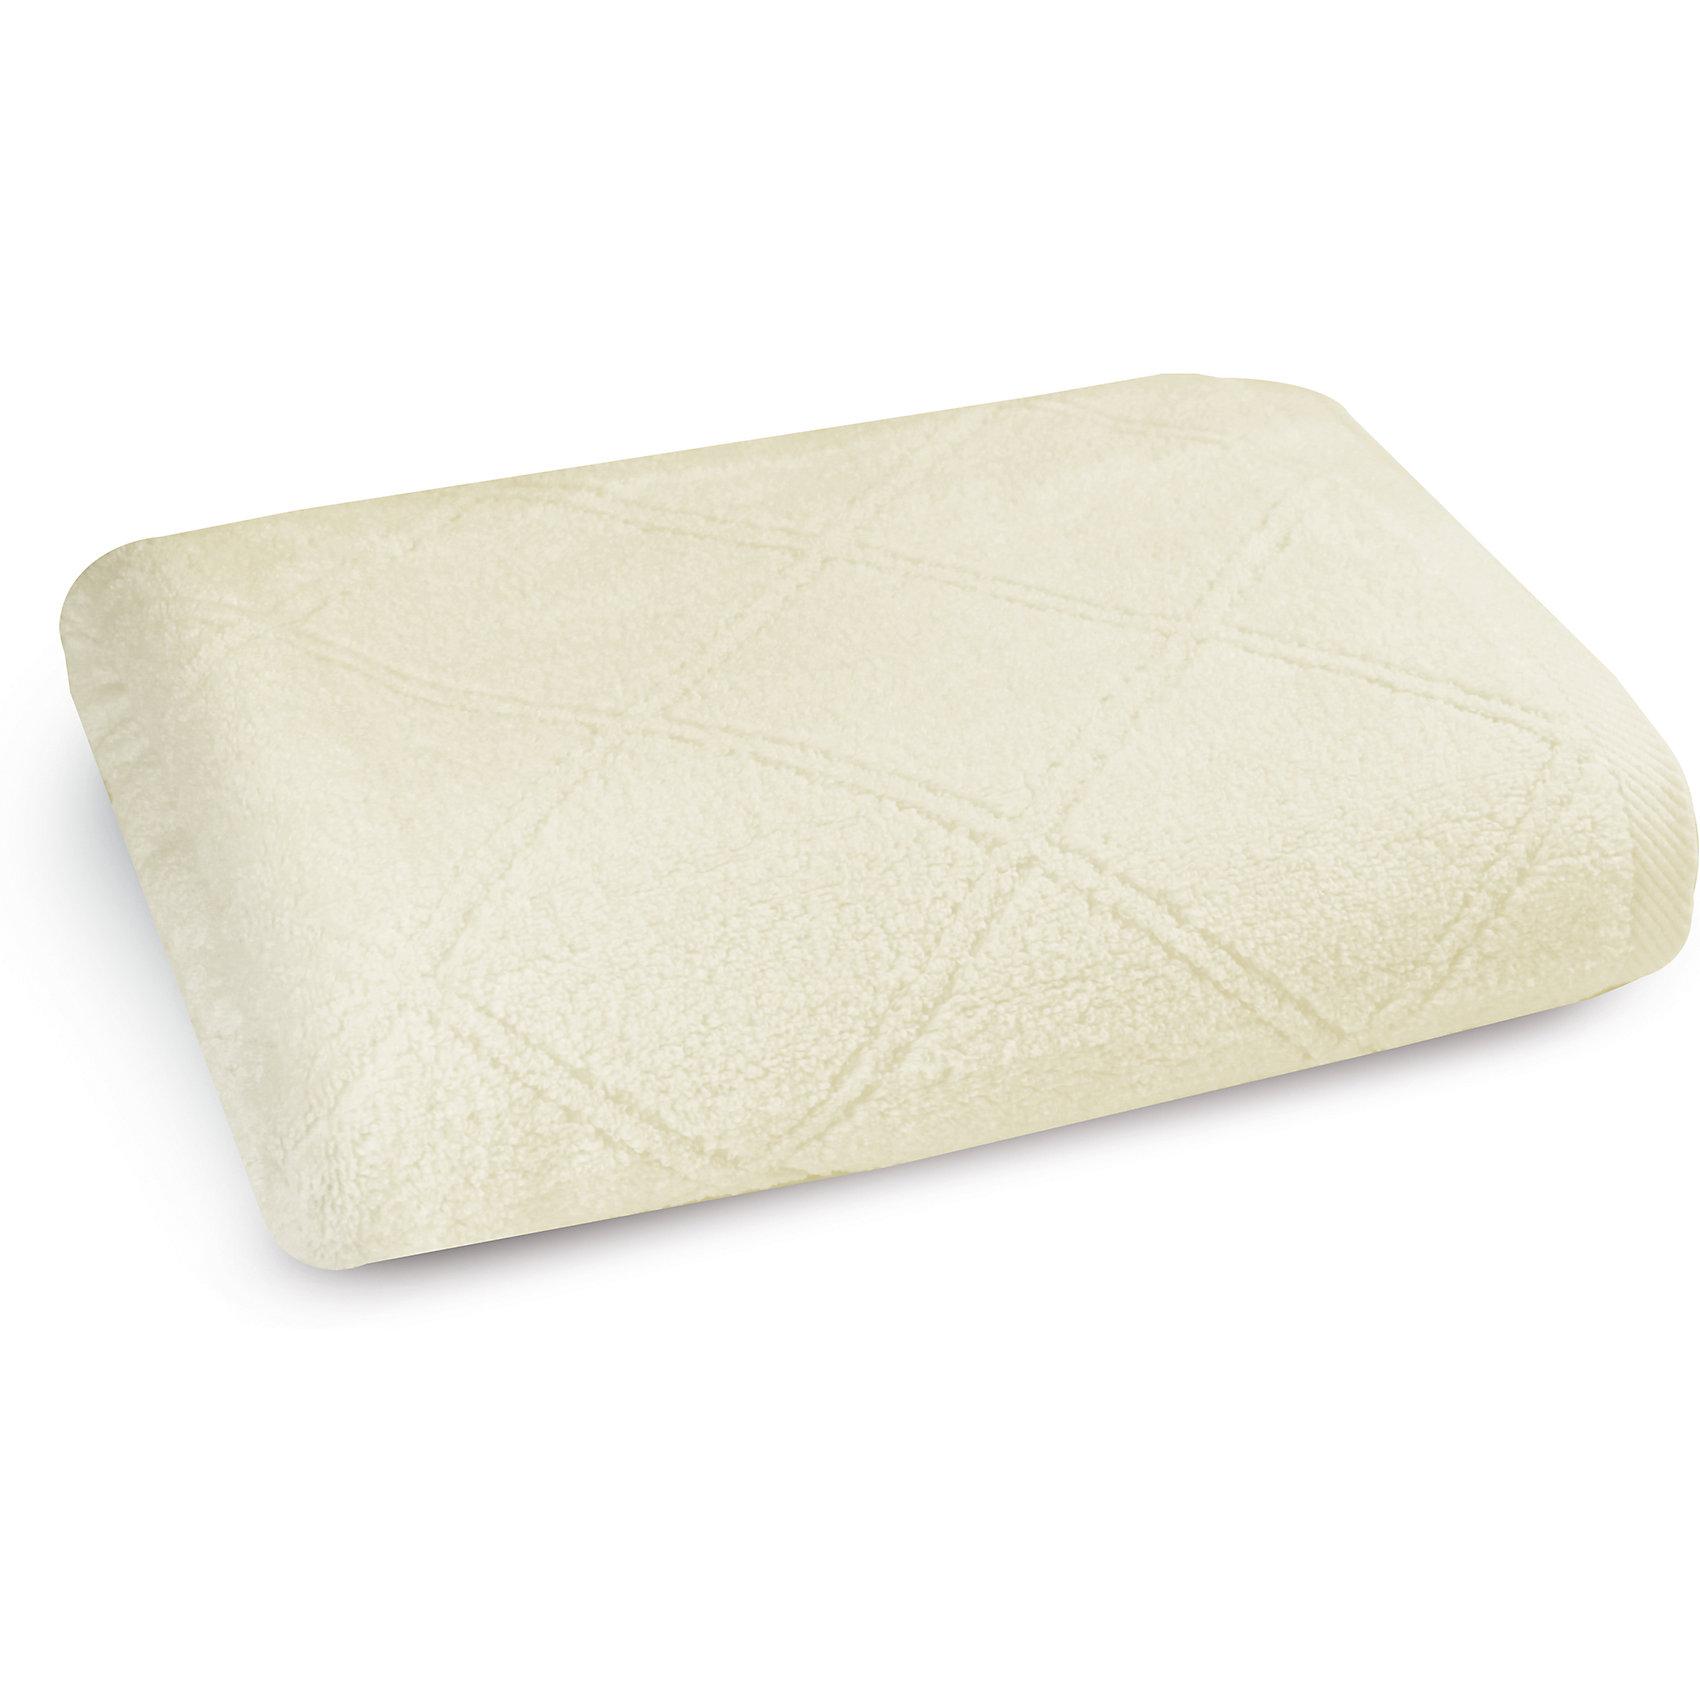 Полотенце махровое 70*140, Cozy Home, молочныйВанная комната<br>Полотенце махровое 70*140, Cozy Home (Кози Хоум), молочный<br><br>Характеристики:<br><br>• мягкое полотенце, приятное на ощупь<br>• хорошо впитывает влагу<br>• легко стирать<br>• материал: хлопок<br>• размер: 70х140 см<br>• цвет: молочный<br><br>Мягкое и качественное полотенце - залог вашего комфорта. Махровое полотенце от Cozy Home создано из мягкого качественного хлопка. Хлопок хорошо впитывает влагу, не позволяя микробам и бактериям образовываться на поверхности. К тому же, полотенце не меняет свой вид и сохраняет свойства даже после многочисленных стирок. Дизайн полотенца - однотонная расцветка с узором из ромбов. Он прекрасно впишется в интерьер любой ванной комнаты.<br><br>Полотенце махровое 70*140, Cozy Home (Кози Хоум), молочный вы можете купить в нашем интернет-магазине.<br><br>Ширина мм: 150<br>Глубина мм: 350<br>Высота мм: 150<br>Вес г: 350<br>Возраст от месяцев: 0<br>Возраст до месяцев: 216<br>Пол: Унисекс<br>Возраст: Детский<br>SKU: 5355321